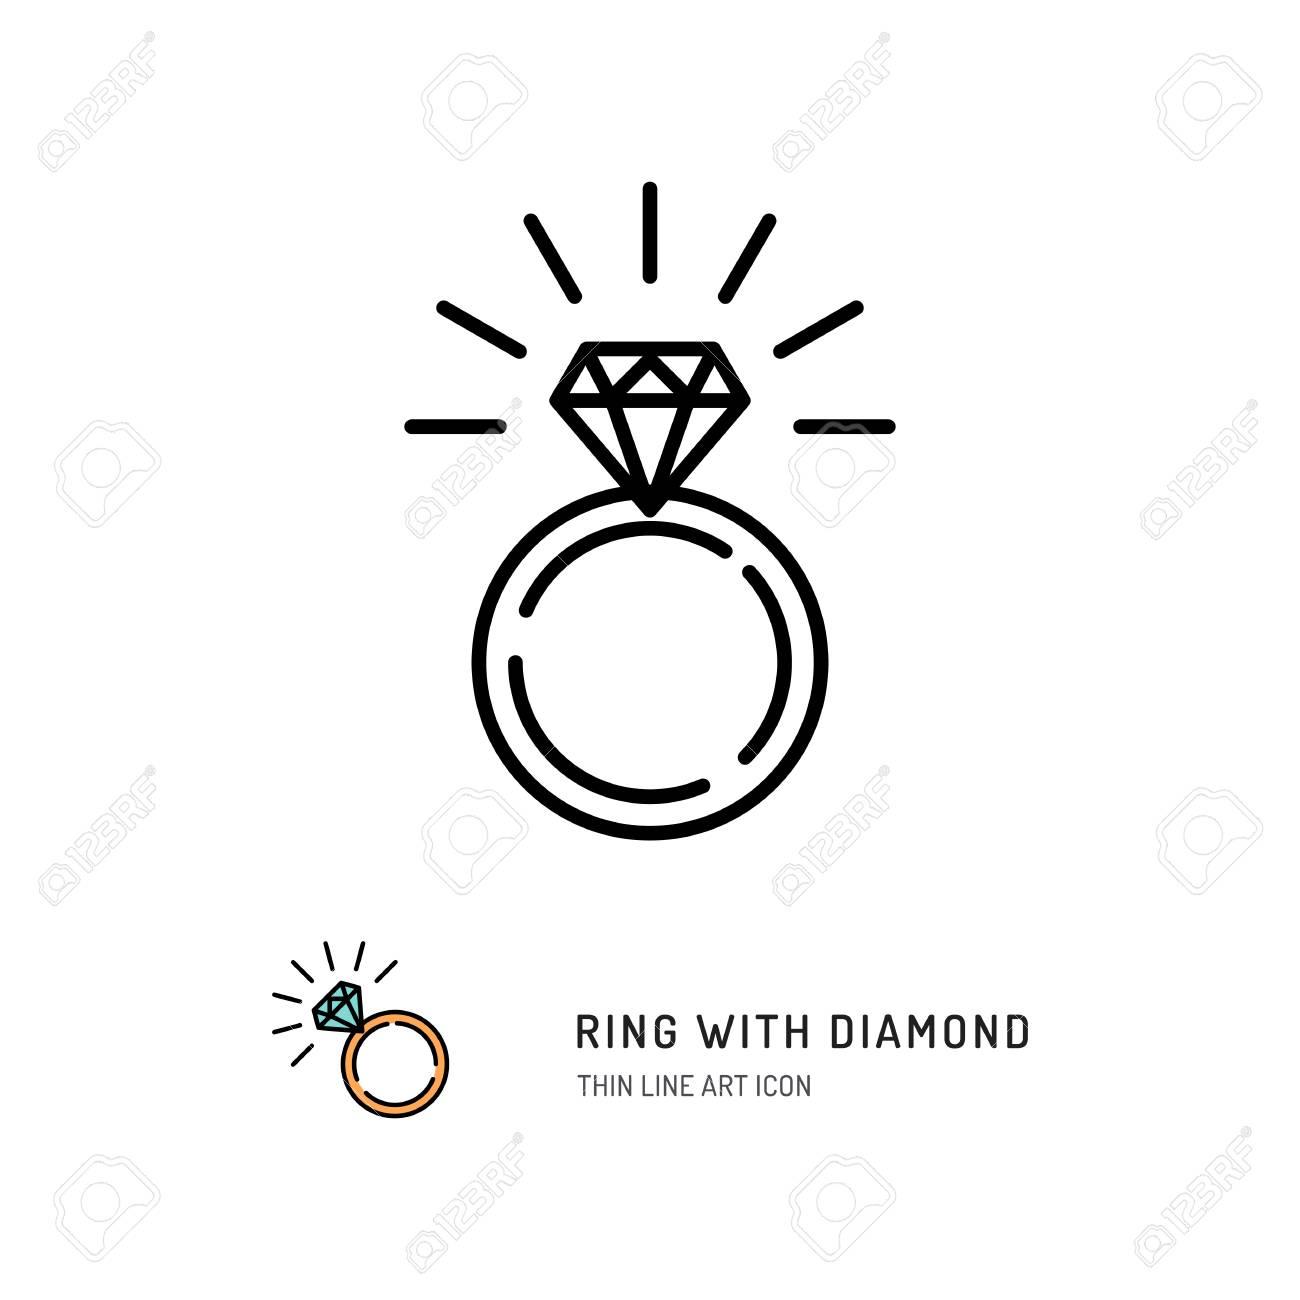 Bague avec diamant icône, fiançailles et bague de mariage. Dessin au trait,  Vector illustration plate